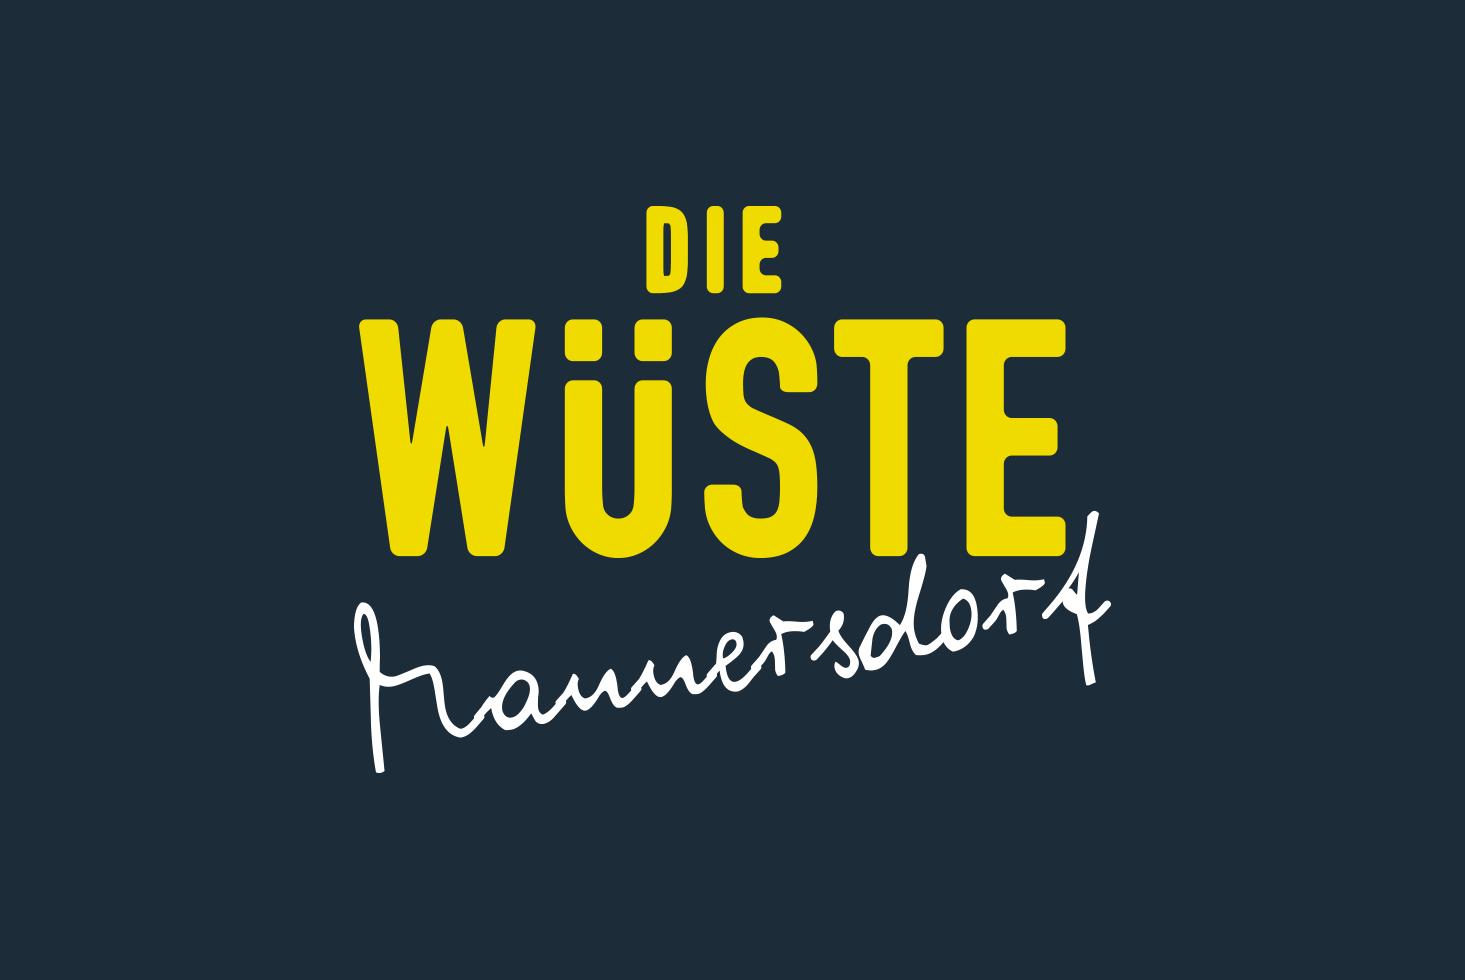 DIE WÜSTE Mannersdorf